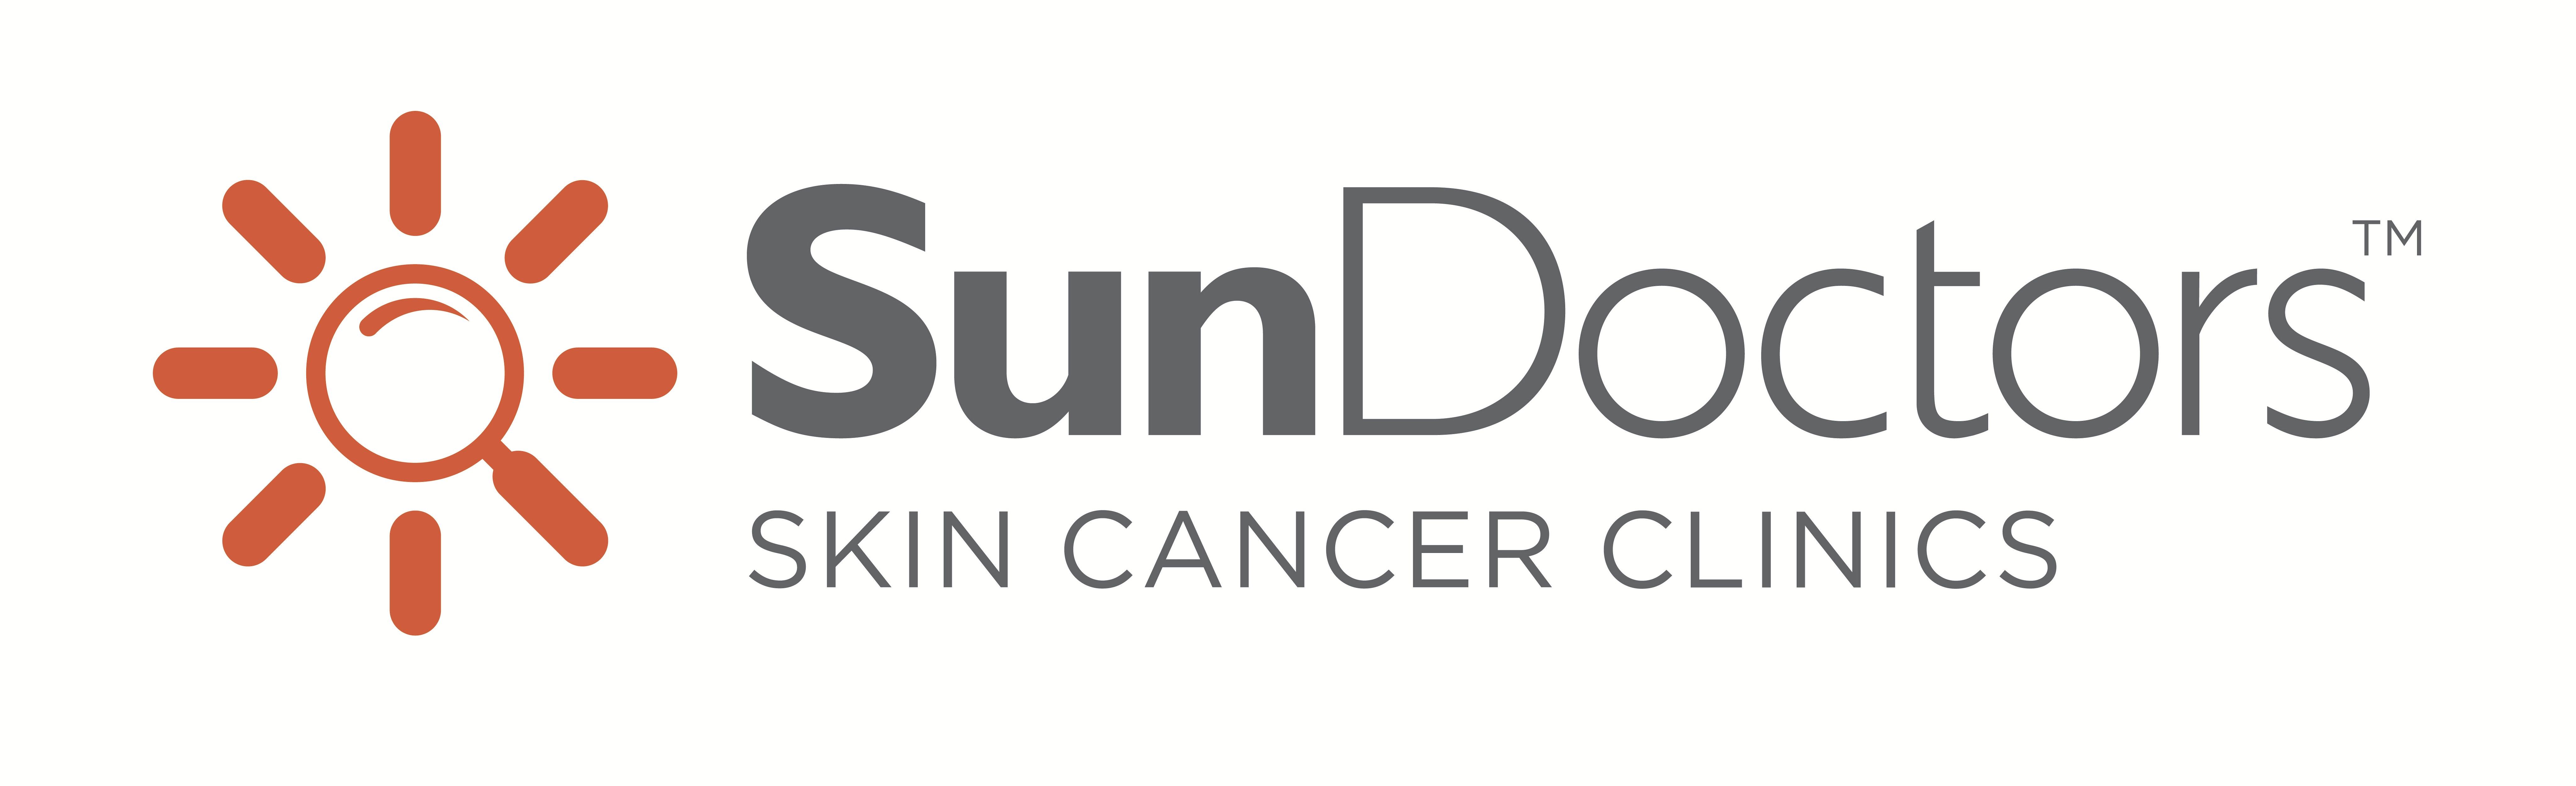 logo for SunDoctors Doncaster Skin Cancer Doctors